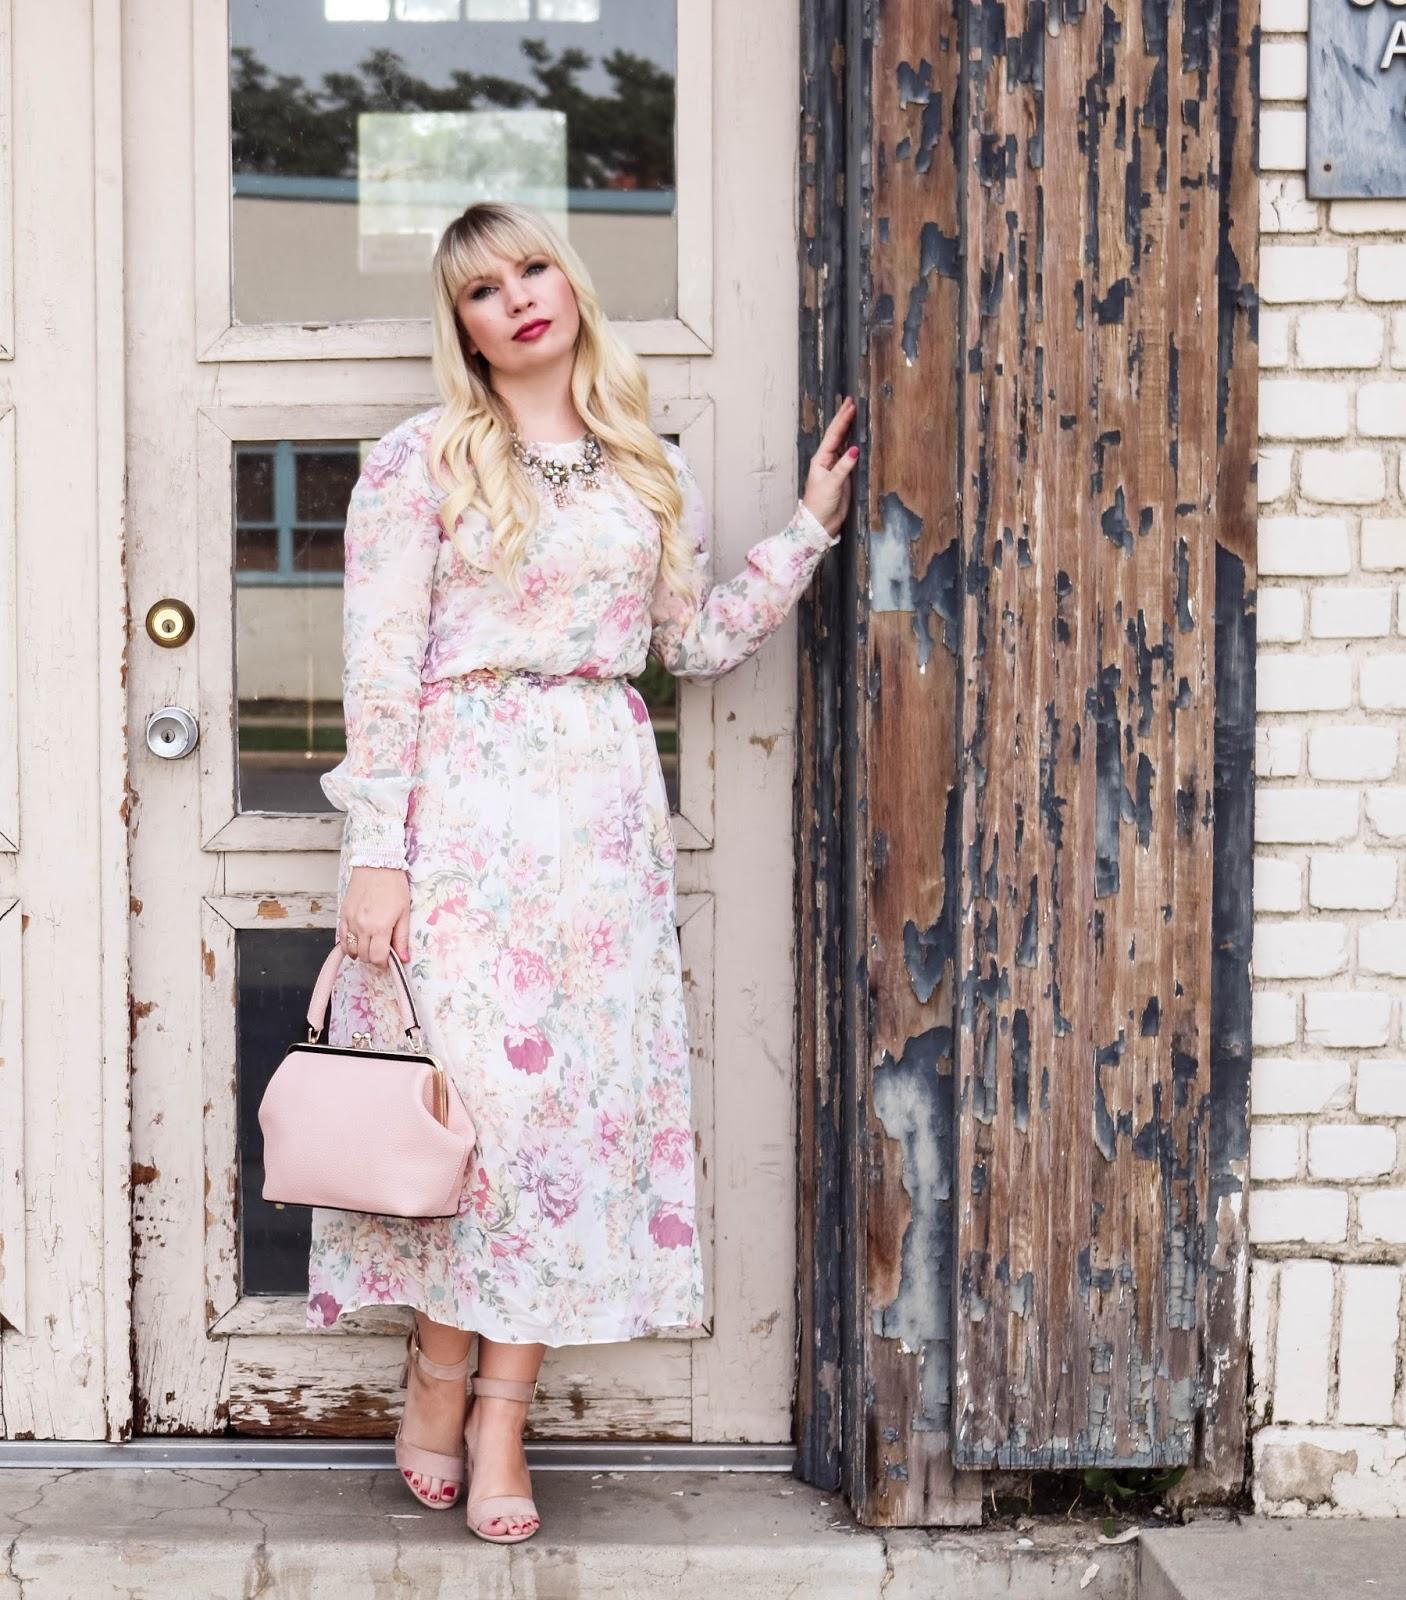 Elizabeth Hugen of Lizzie in Lace styles her floral Zara dress